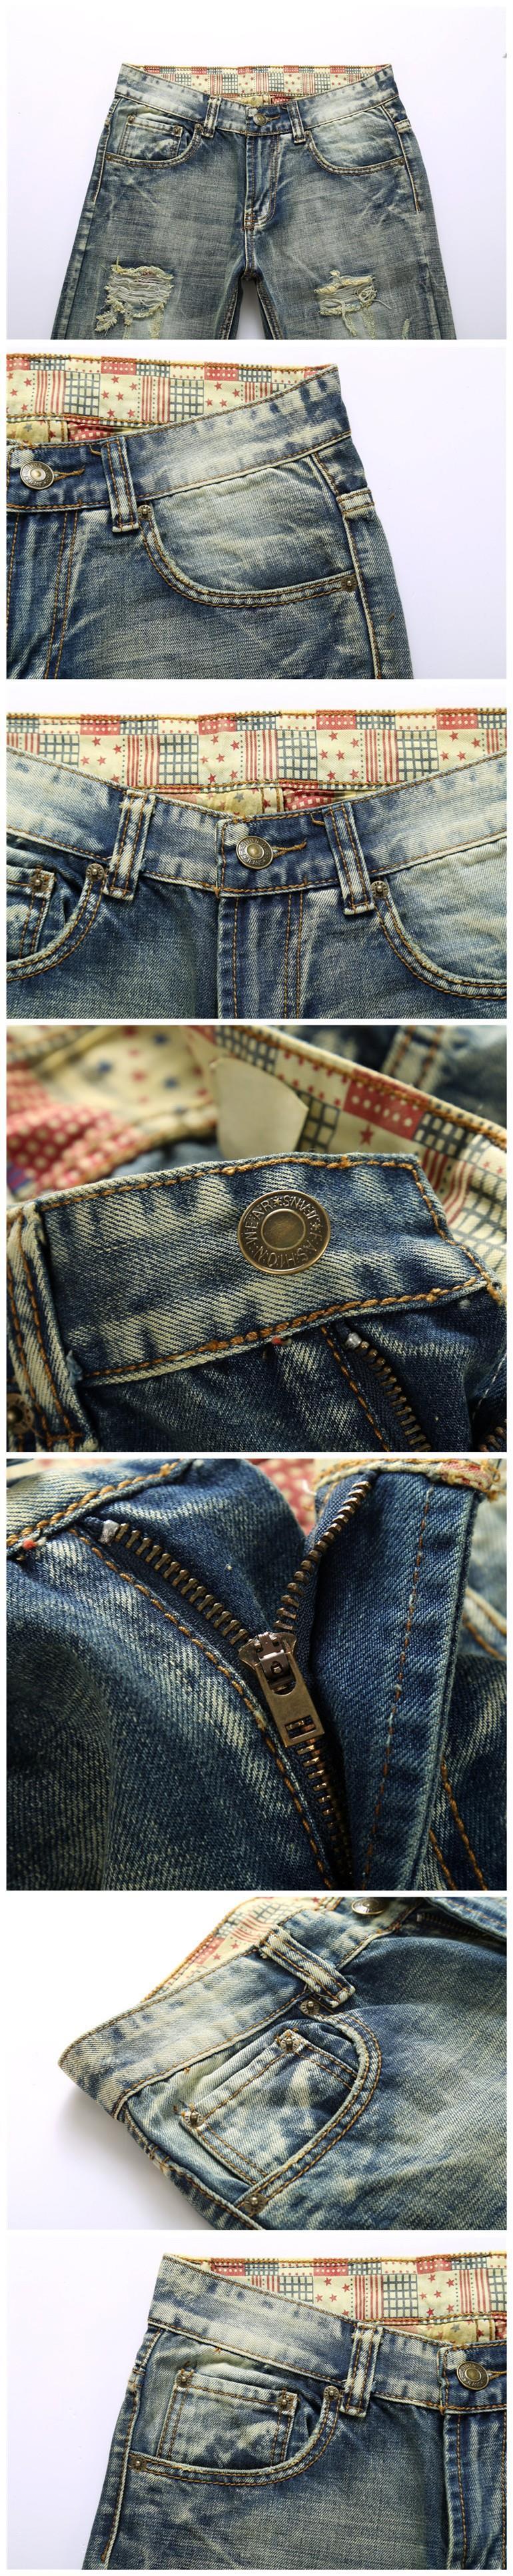 Скидки на MOGE мужчины рваные джинсы хлопок моды джинсы rasgado джинсы мужчины хип-хоп жан homme марки de luxe вакеро hombre marca famosa